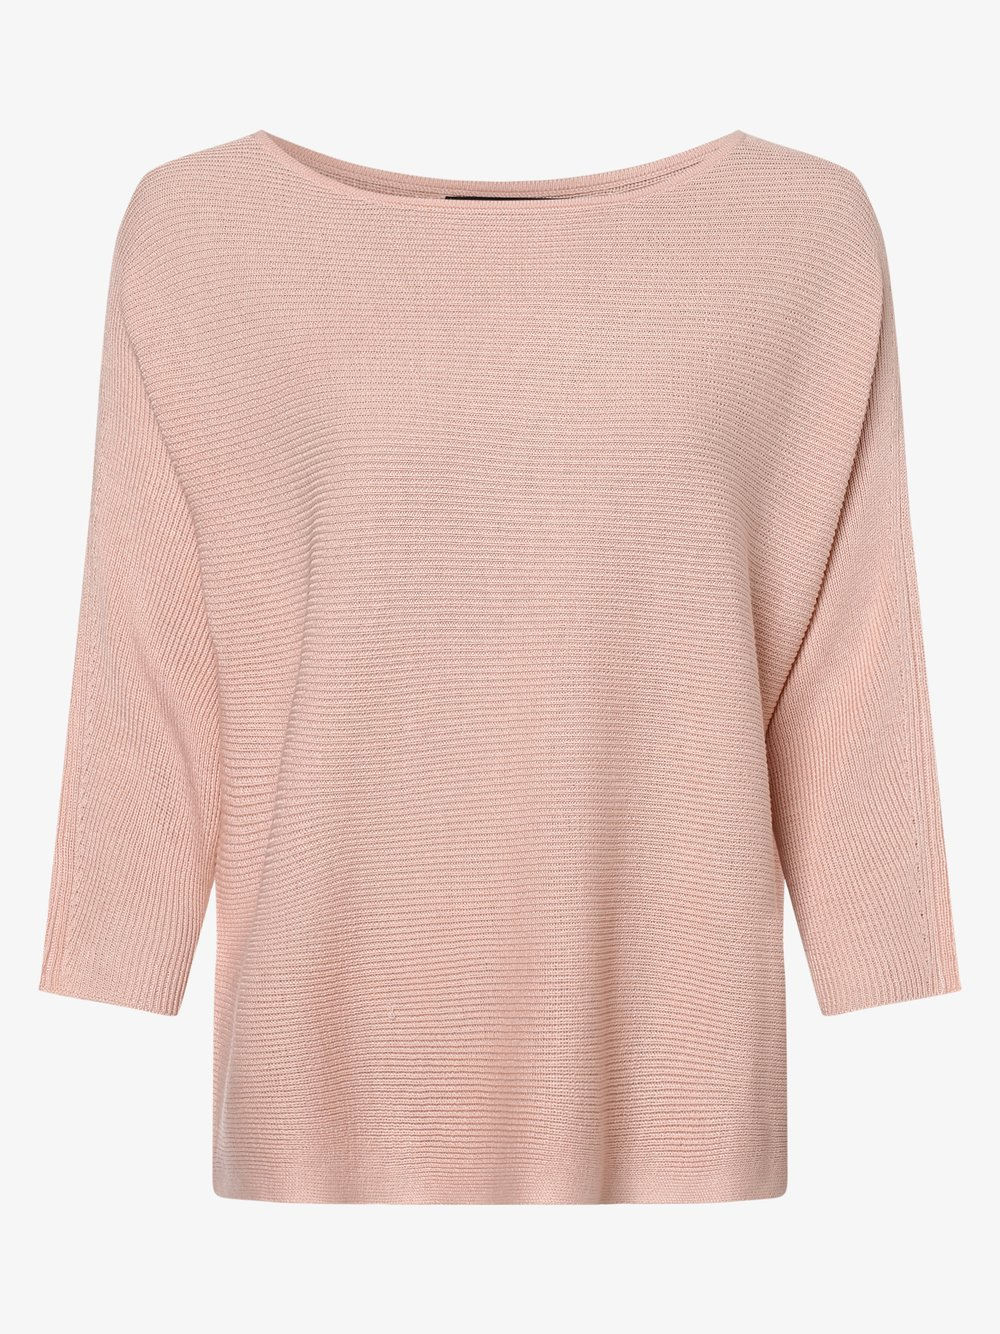 Vero Moda - Sweter damski – Vmnora, różowy